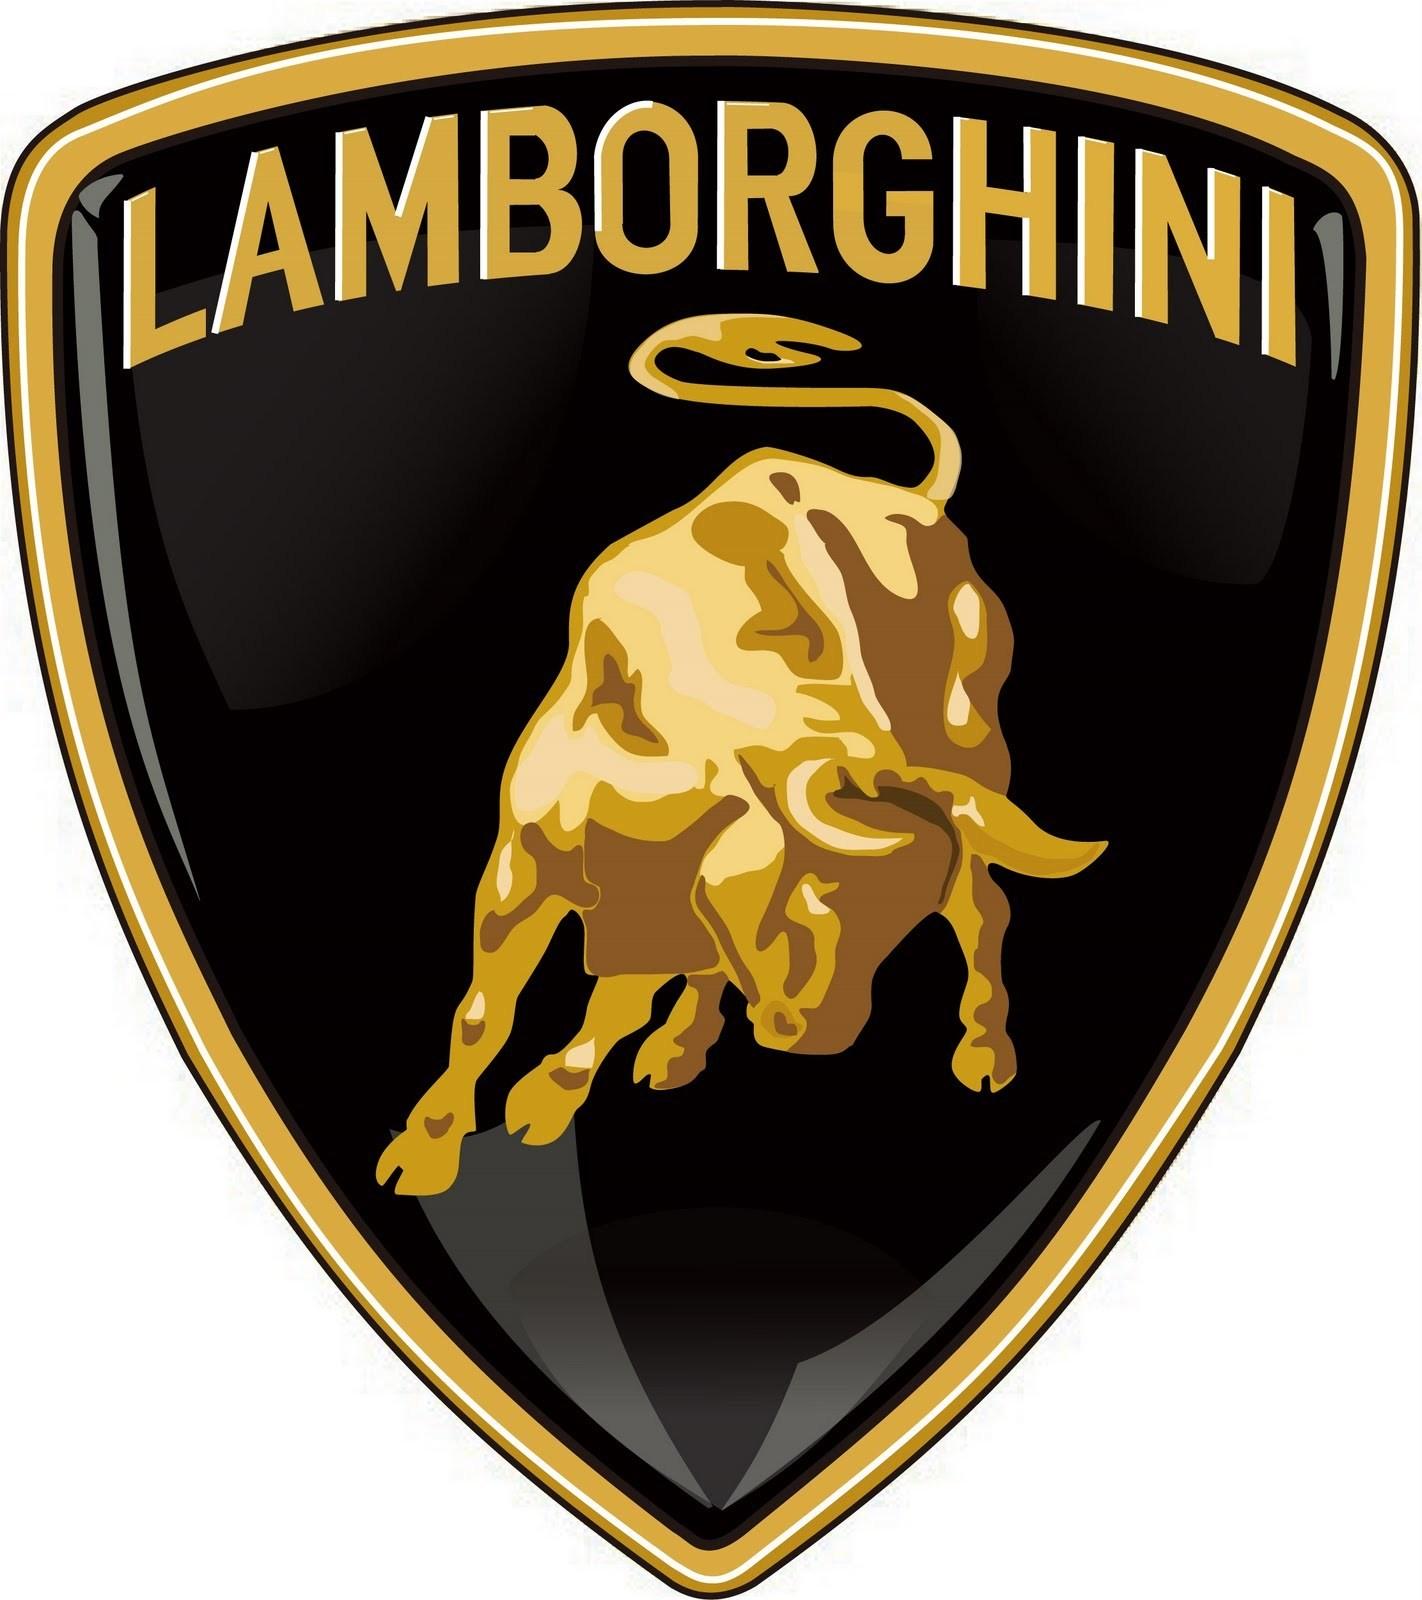 Lambo is my car